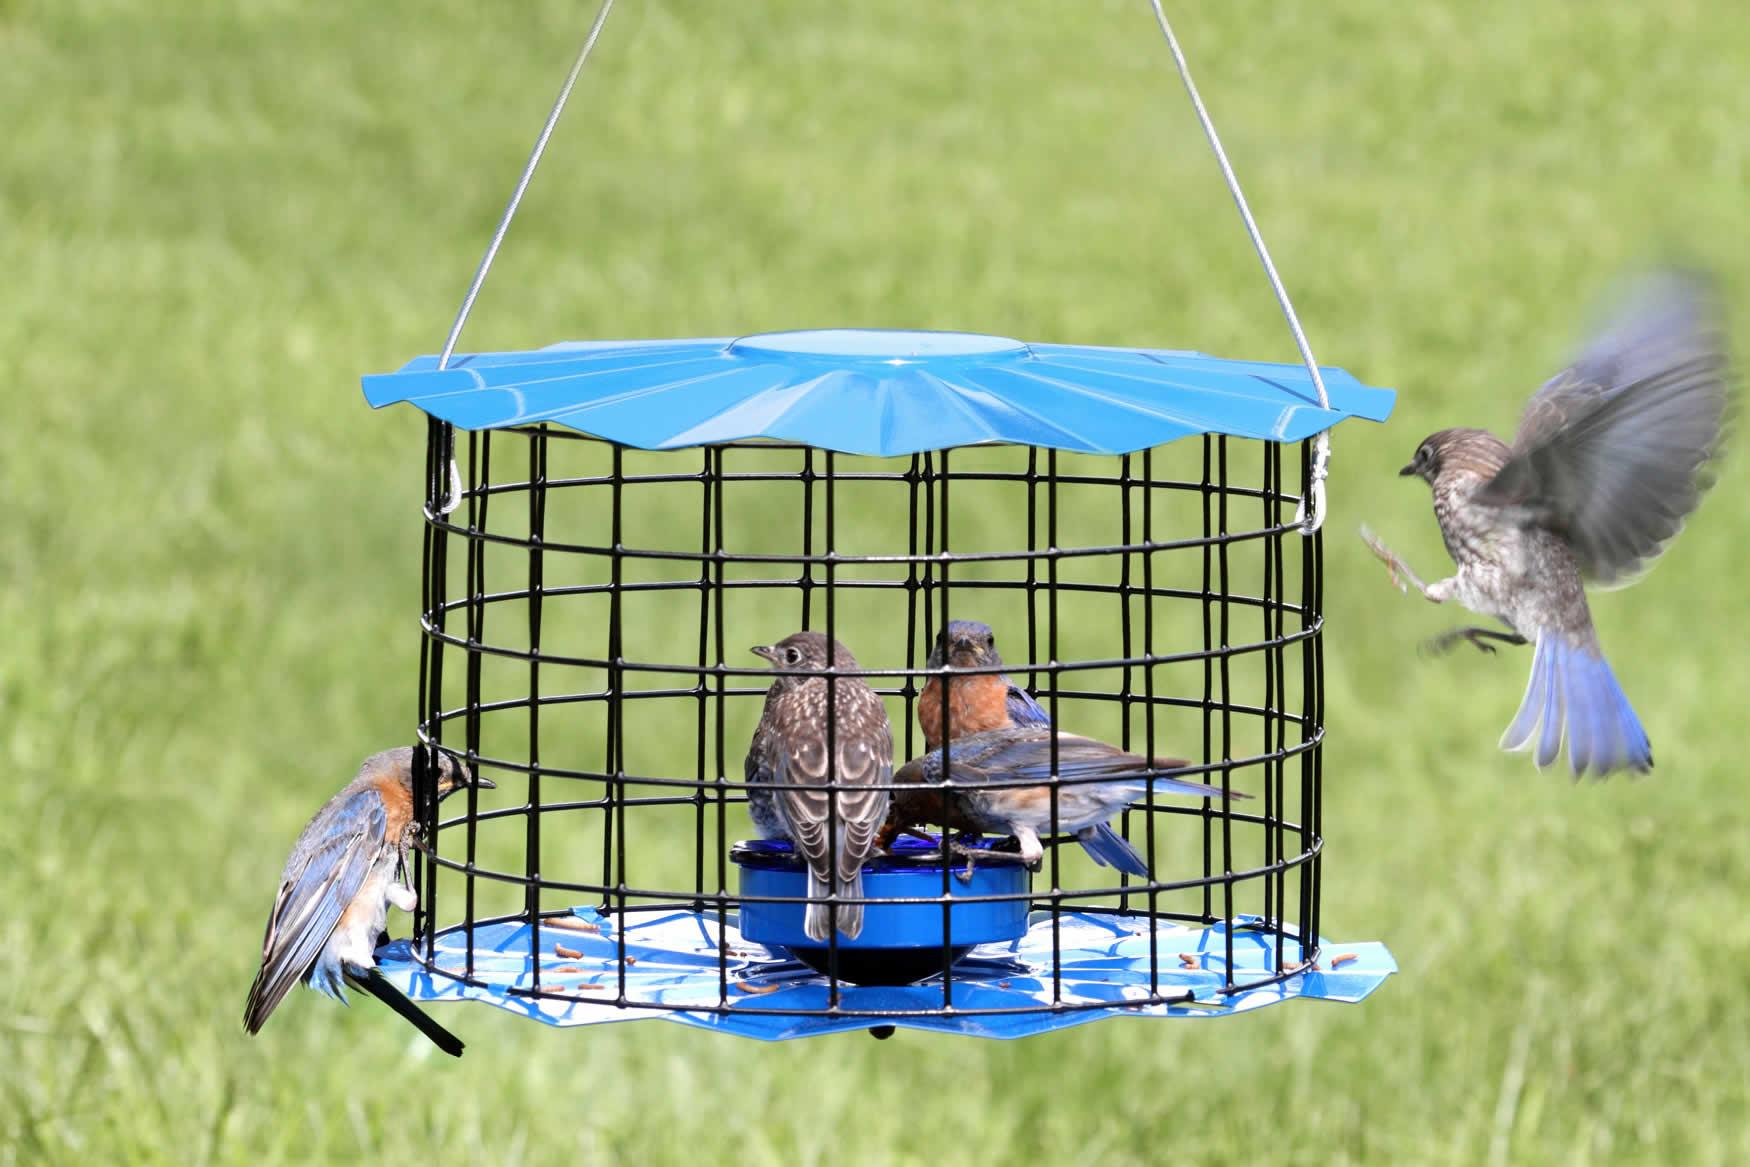 bird outside blue com feeders dp feeder amazon wild perky gazebo garden pet outdoor for